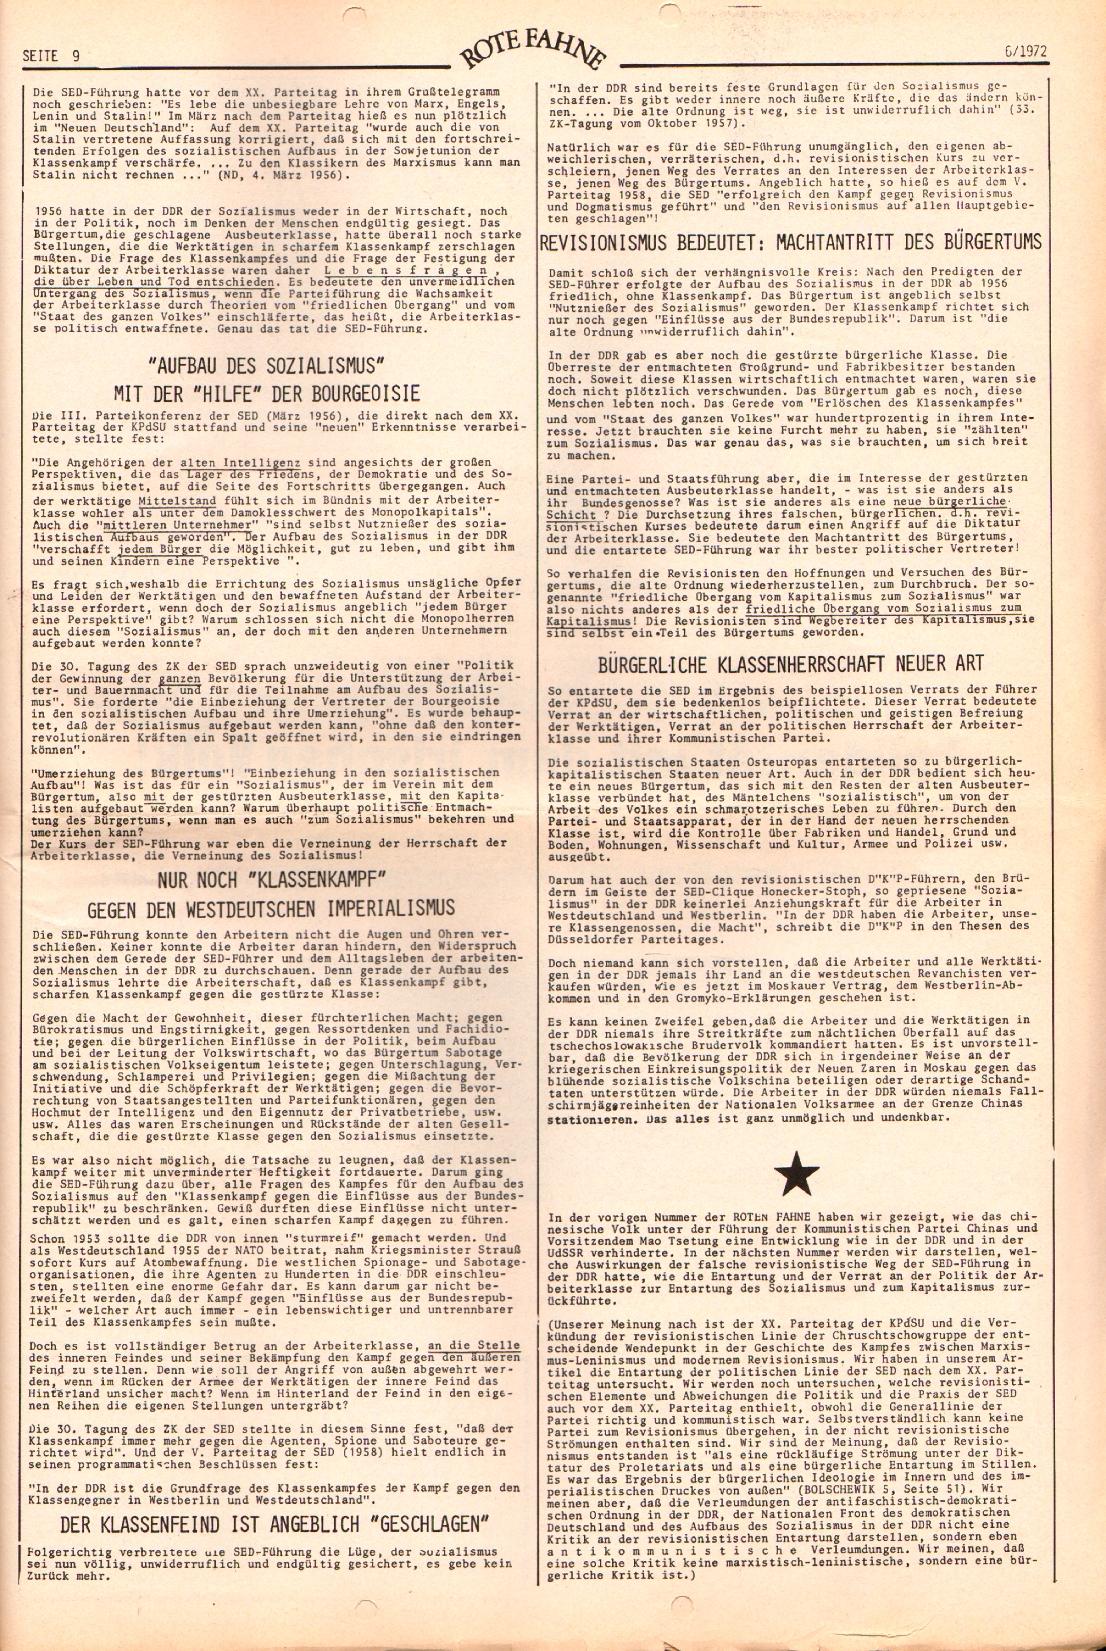 Rote Fahne, 3. Jg., 20.3.1972, Nr. 6, Seite 9